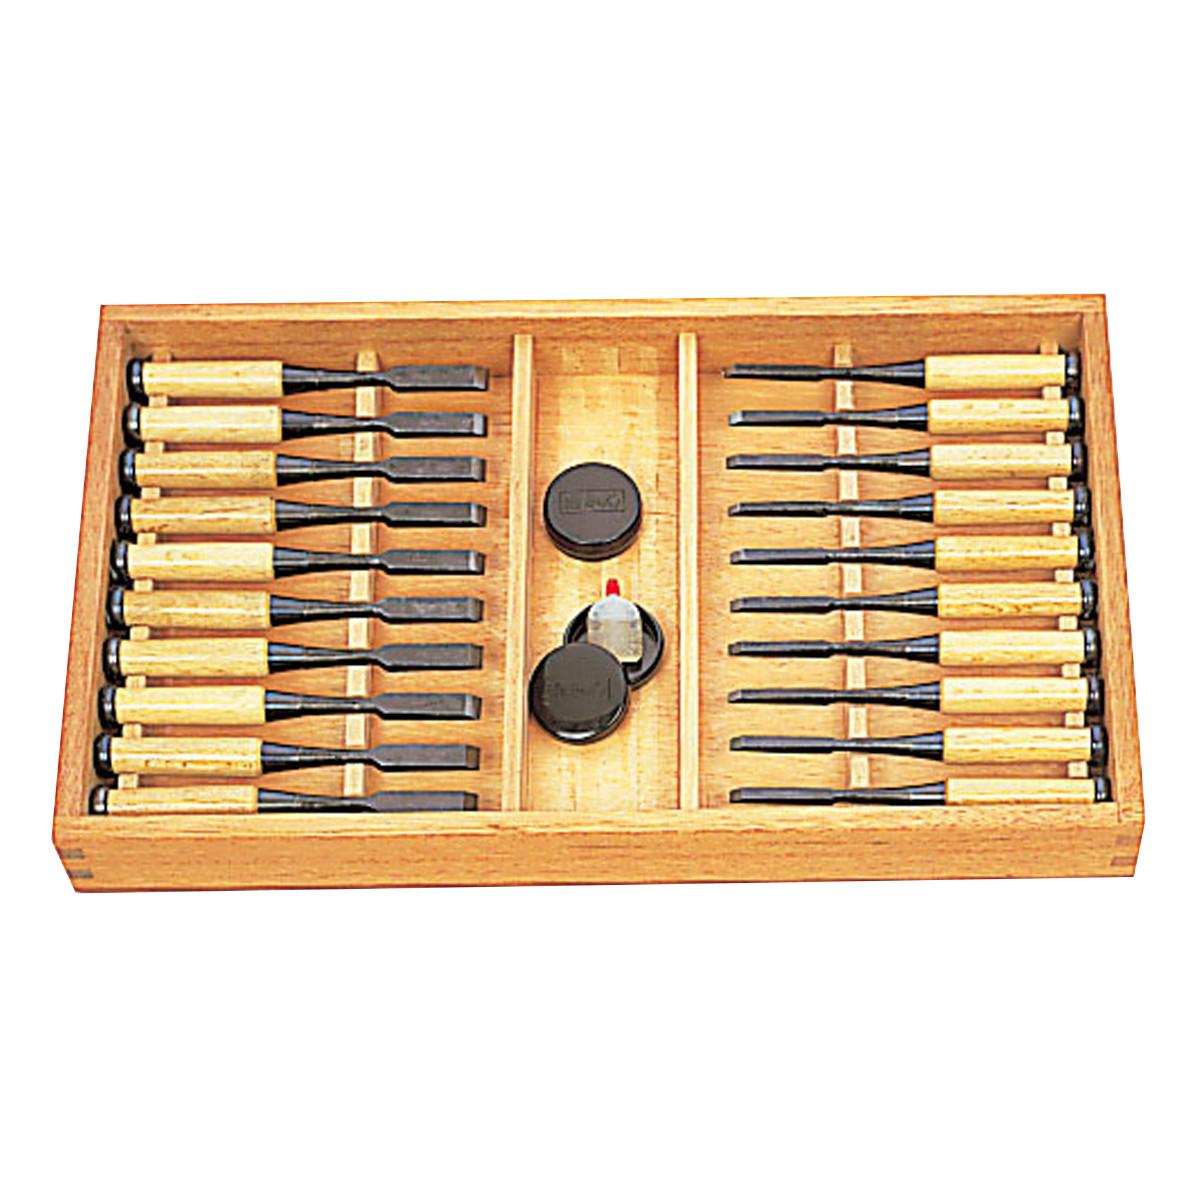 木工具整理箱 おいれのみ整理箱 【 木工 木彫 木工具 収納 整理 箱 】